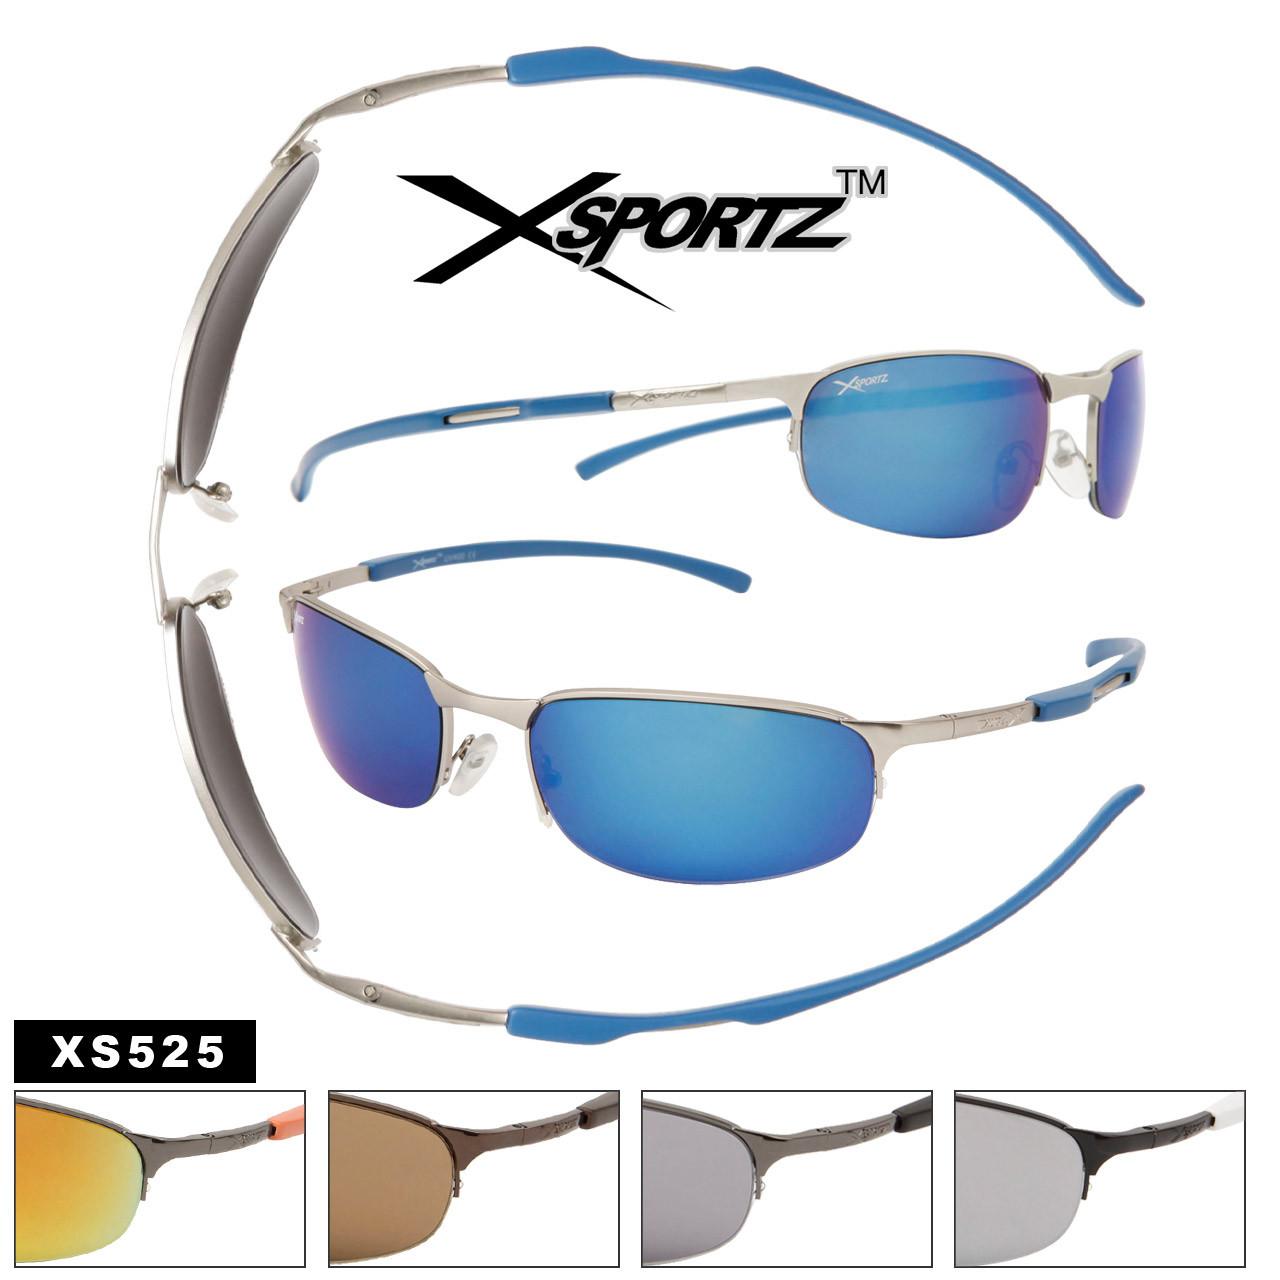 Xsportz Metal Sunglasses XS525